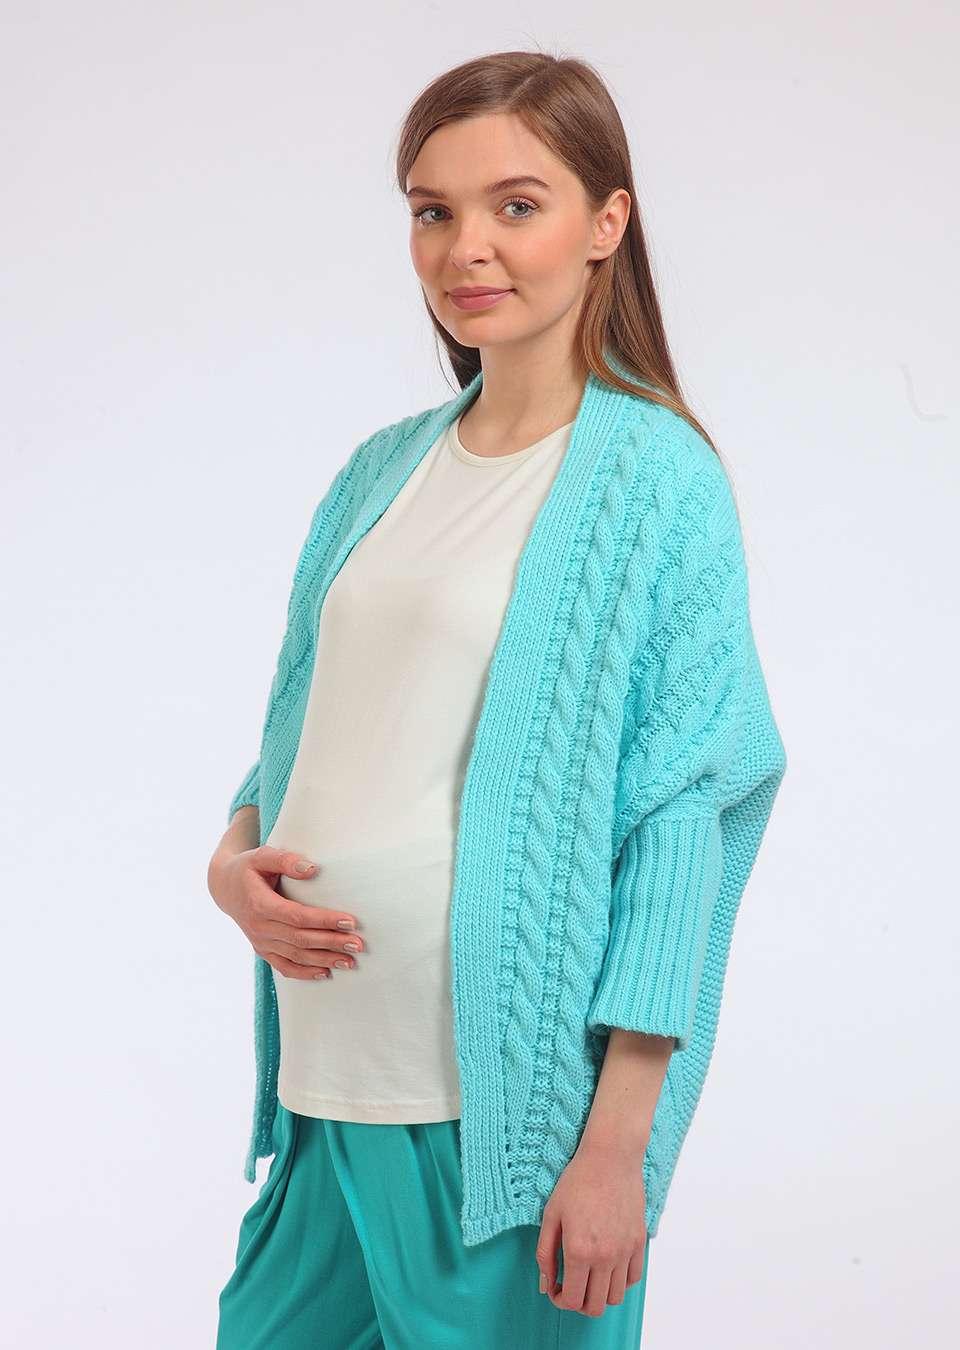 Кардиган Полли для беременных